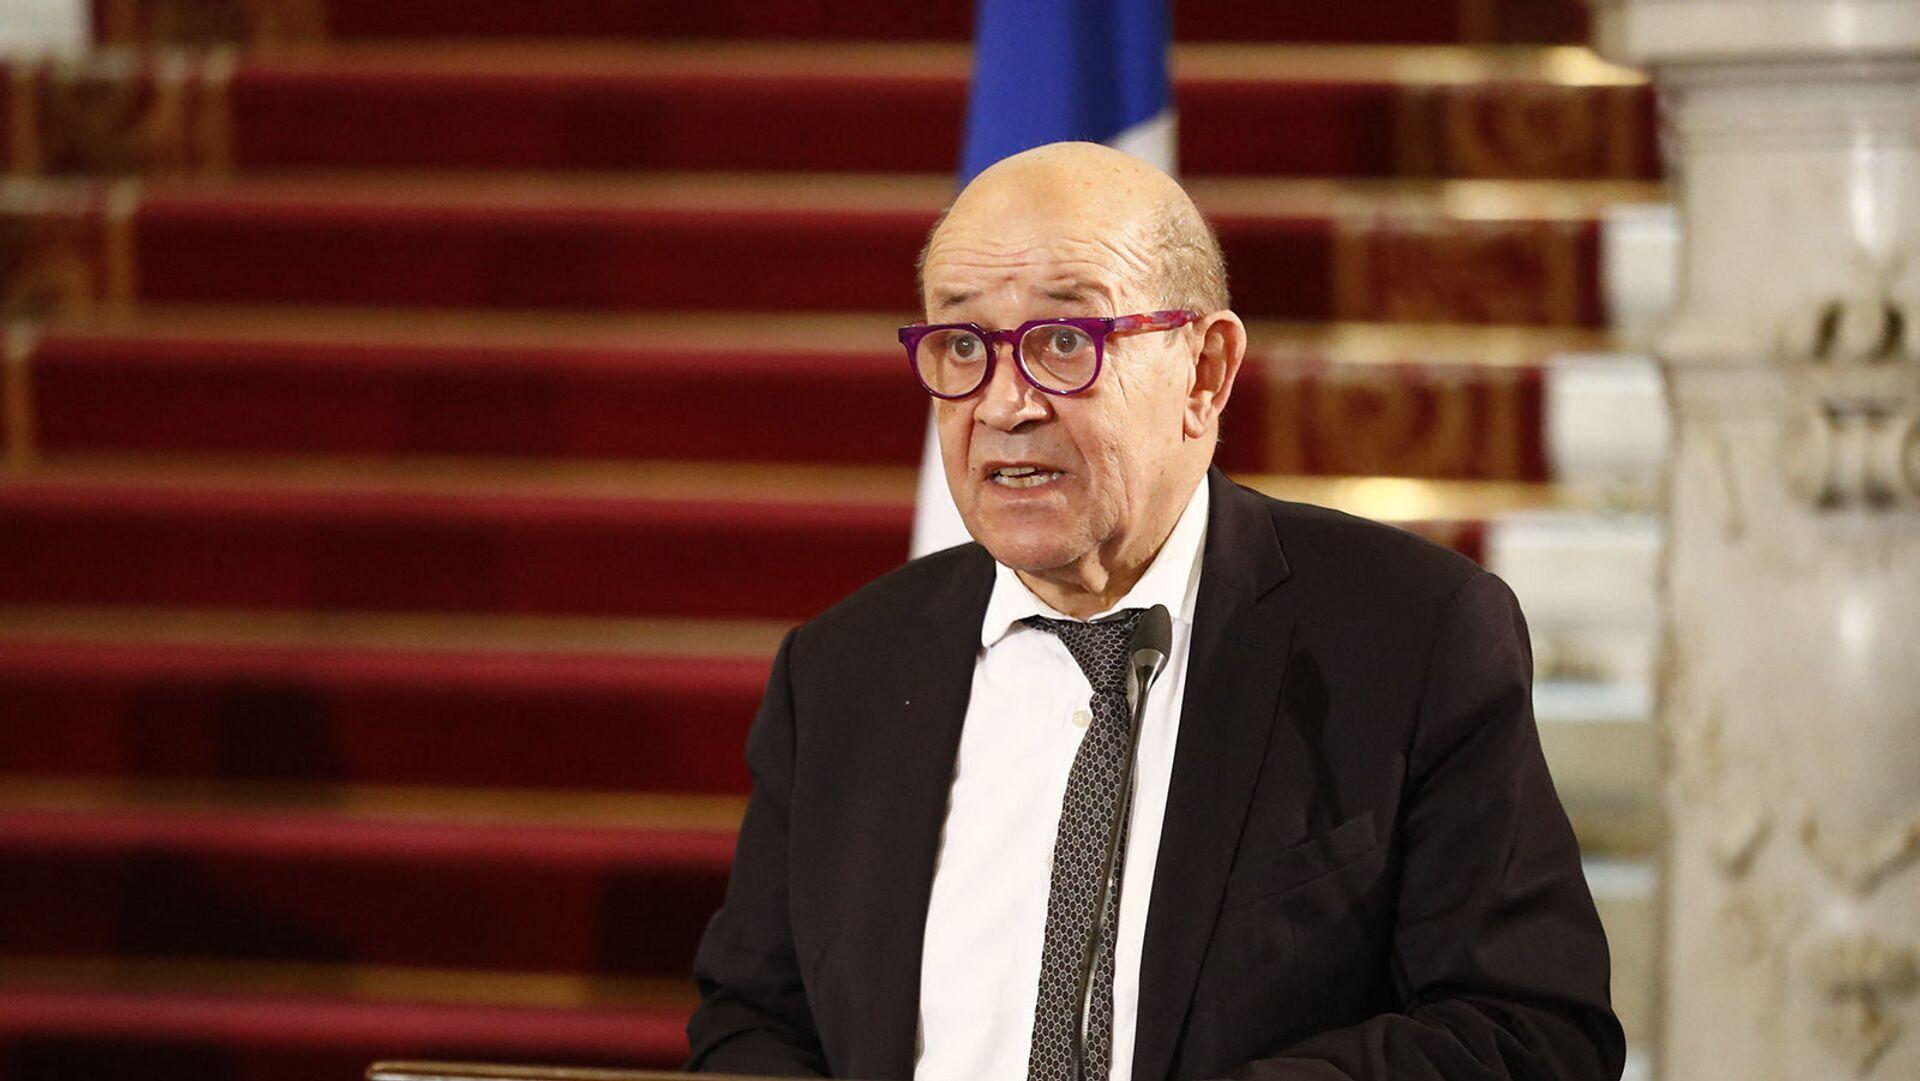 Министр иностранных дел Франции Жан-Ив Ле Дриан на совместной пресс-конференции со своими египетскими, немецкими и иорданскими коллегами после встречи (11 января 2021). Каир - Sputnik Армения, 1920, 17.09.2021